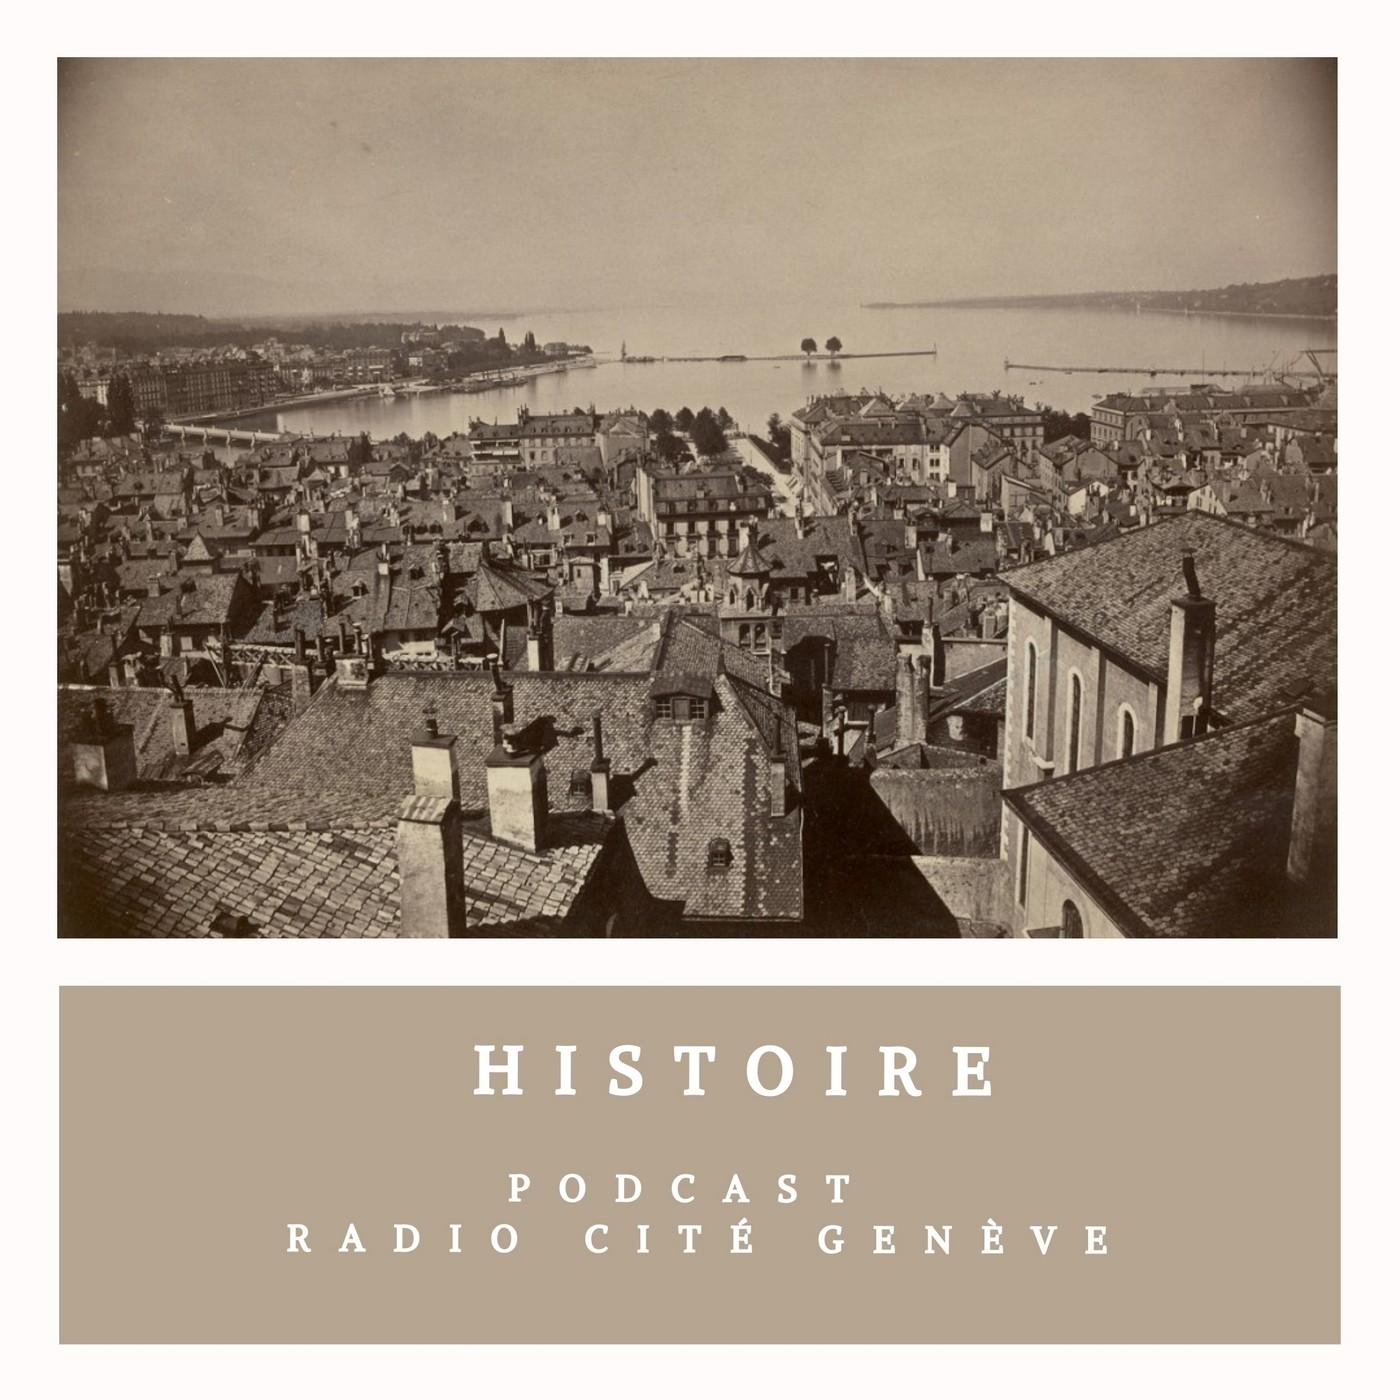 Histoire - 19/02/21 - Joseph Conrad